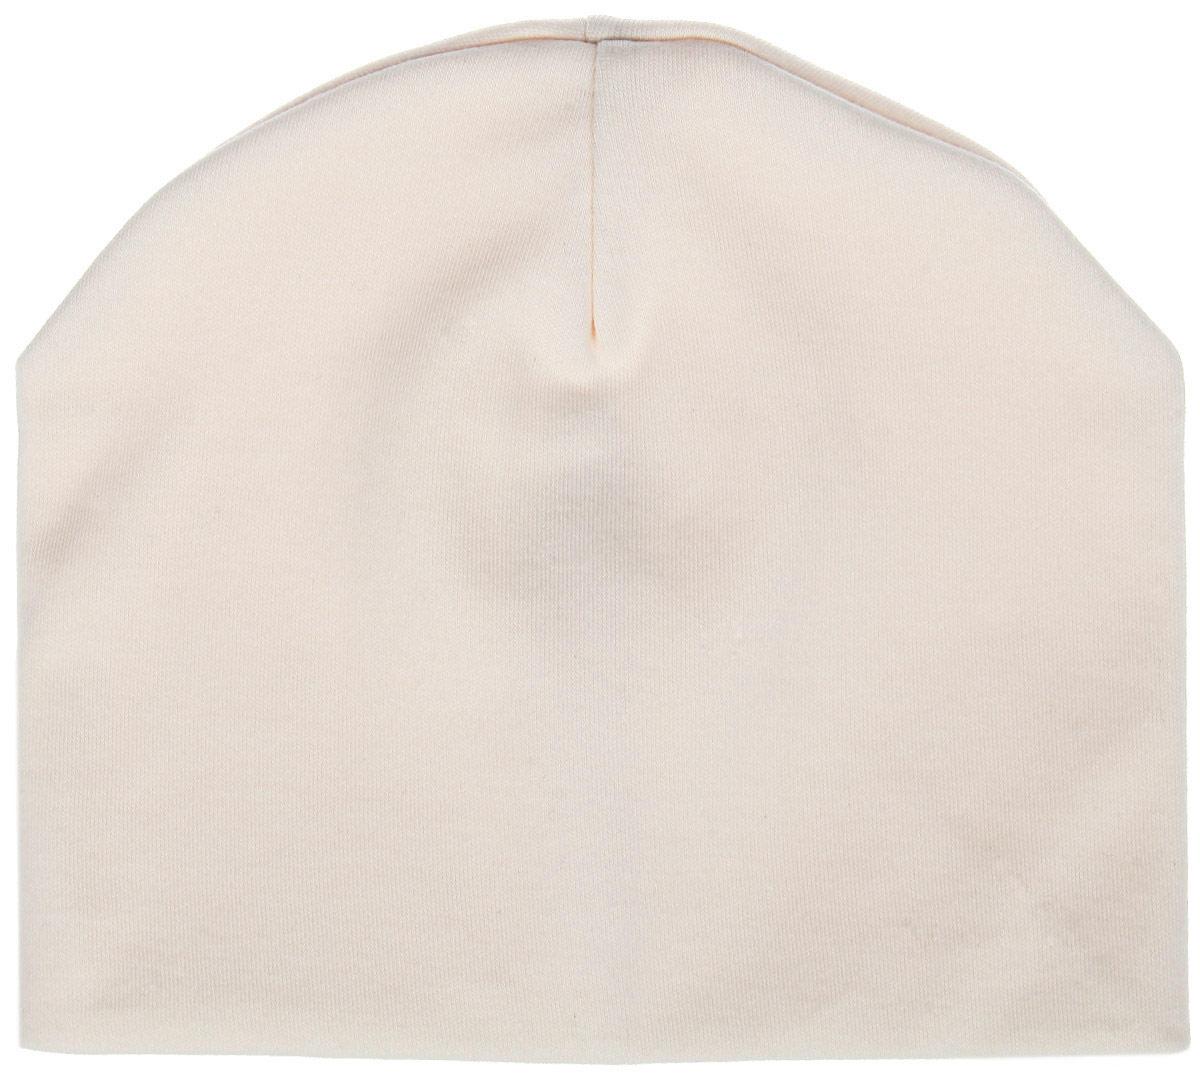 Шапочка для девочки Linea Di Sette Моя любовь, цвет: молочный. 06-0802. Размер 36, 1-3 месяца06-0802Комфортная шапочка для девочки Linea Di Sette Моя любовь идеально подойдет вашей малышке. Изделие изготовлено из органического хлопка, ткани из которого не вредят нежной коже малыша, а также их производство безопасно для окружающей среды. Органический хлопок очень мягкий, отлично пропускает воздух, обеспечивая максимальный комфорт. Шапочка необходима любому младенцу, она защищает еще не заросший родничок, щадит чувствительный слух малыша, прикрывая ушки, а также предохраняет от теплопотерь. В такой шапочке ваш ребенок будет чувствовать себя уютно и комфортно!